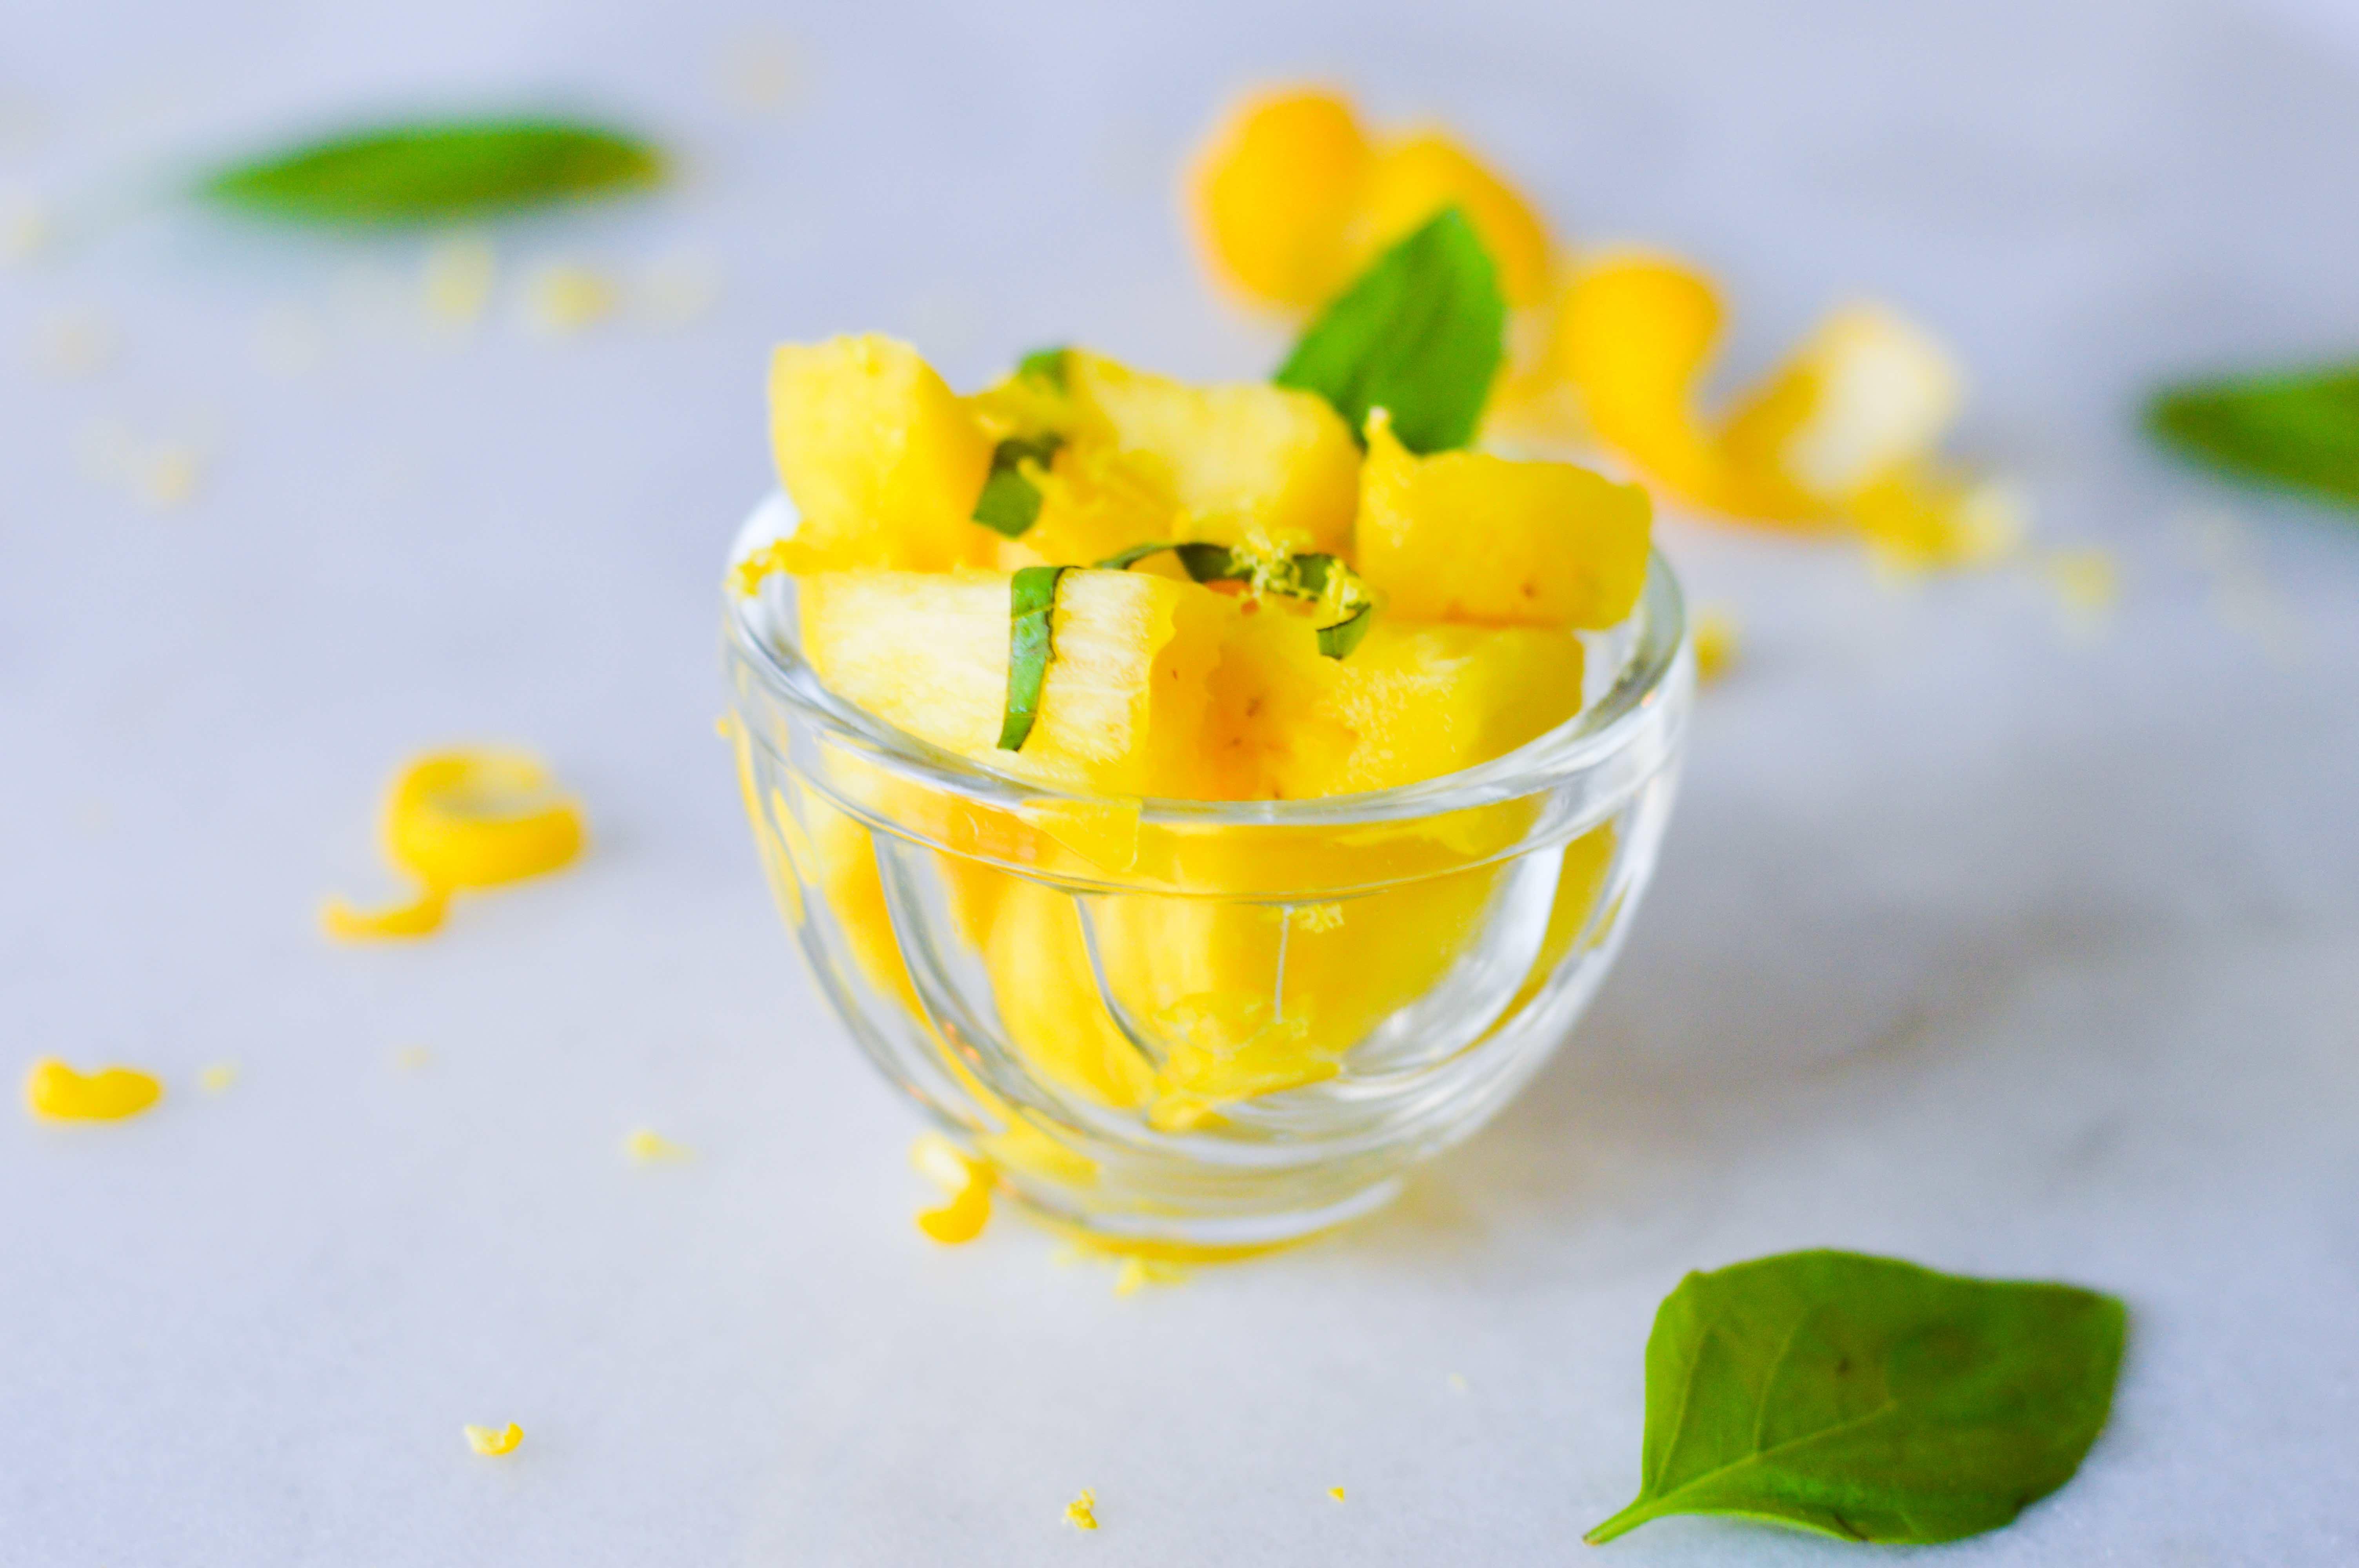 Fresh pineapple salad with basil and lemon